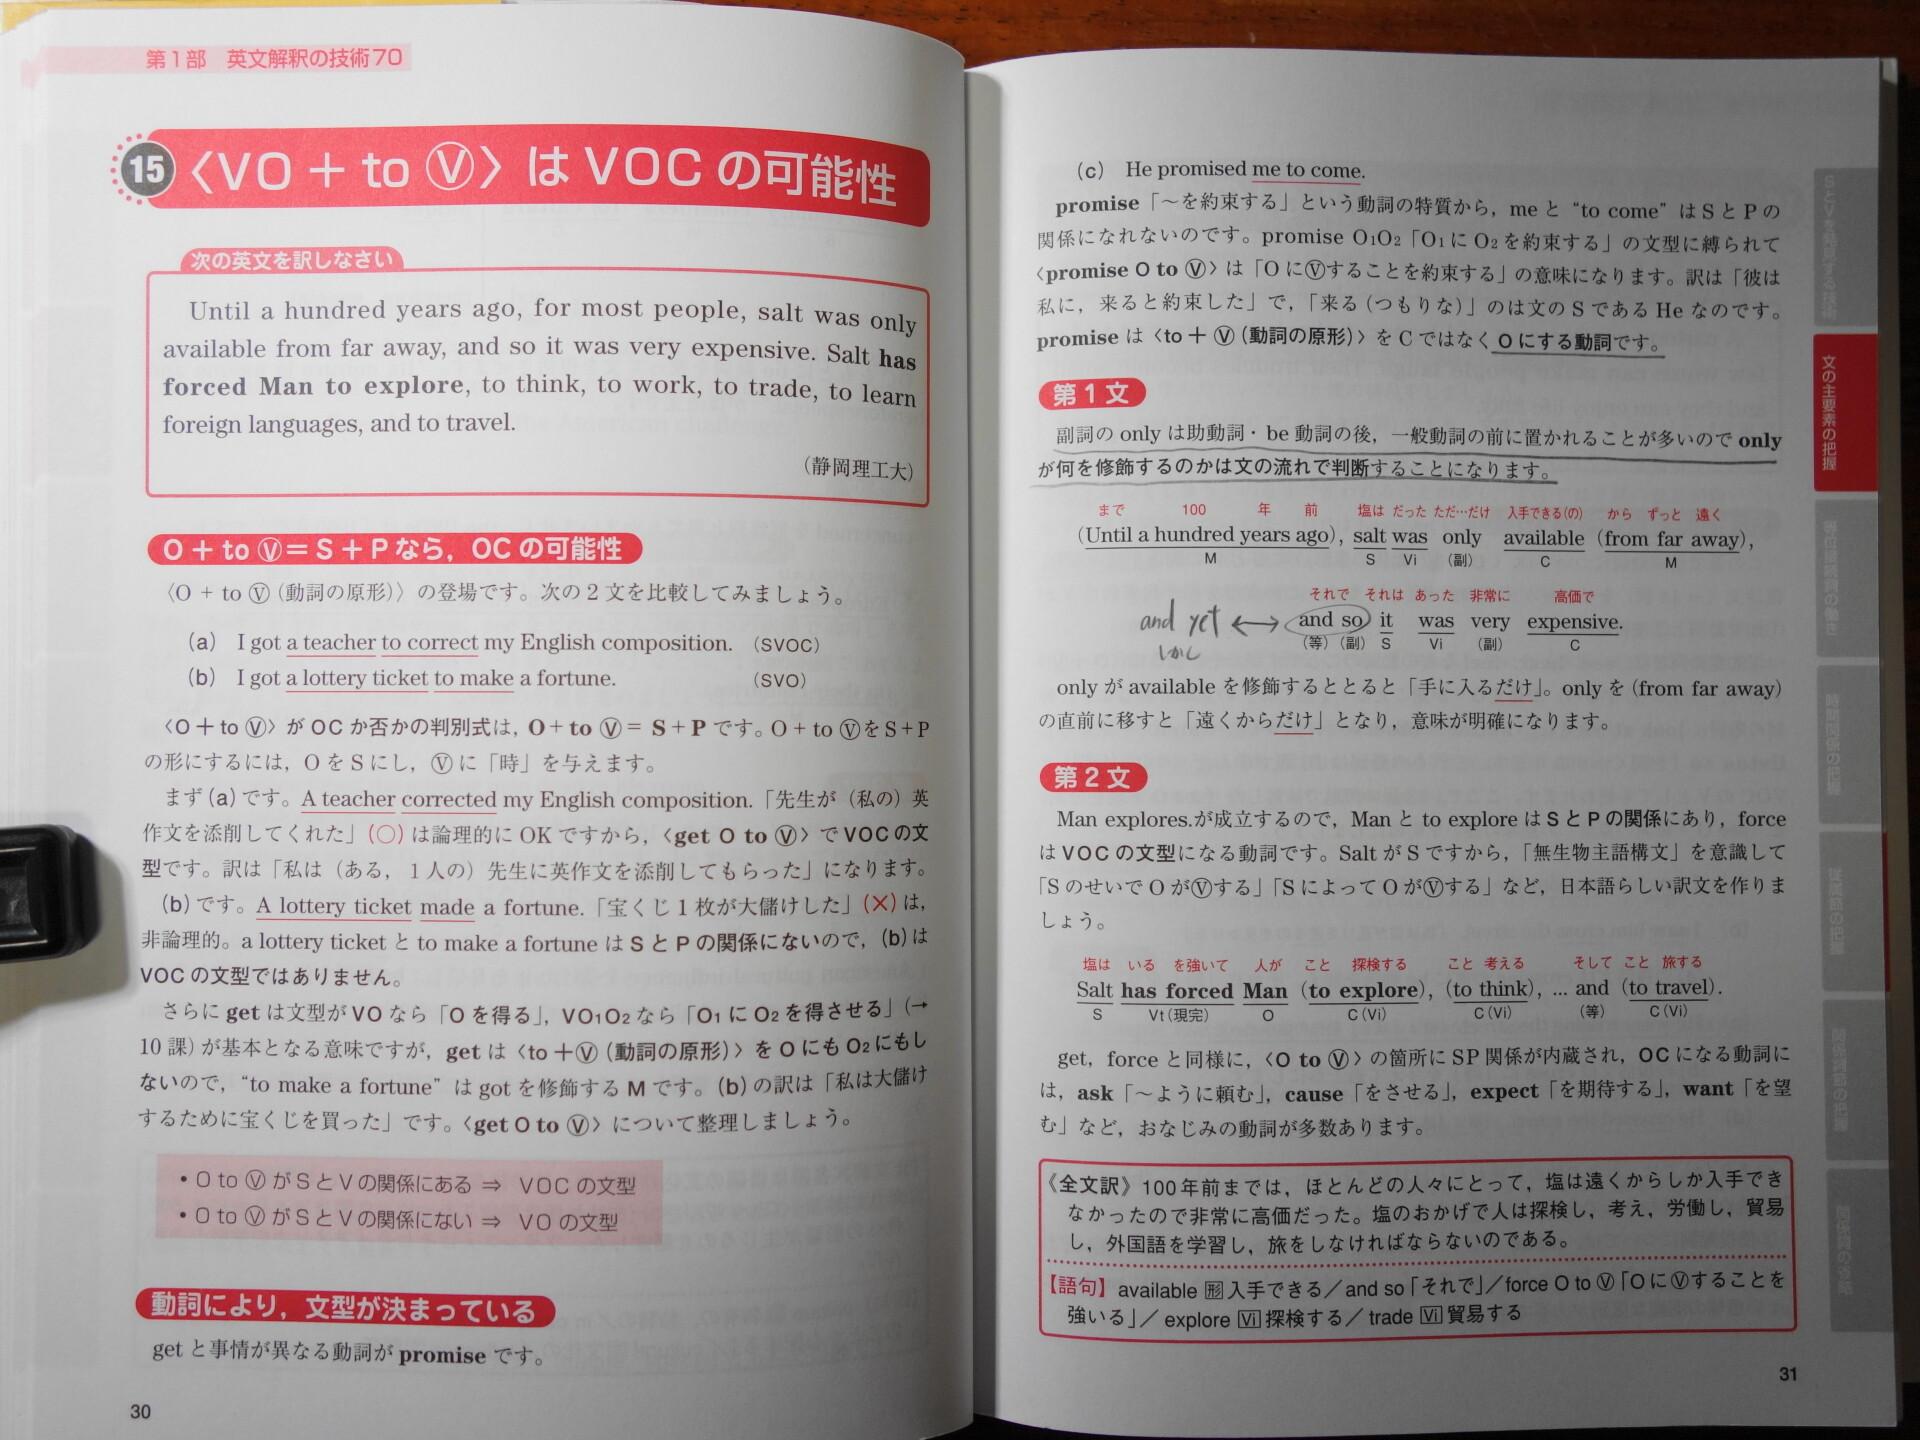 英文解釈の技術70